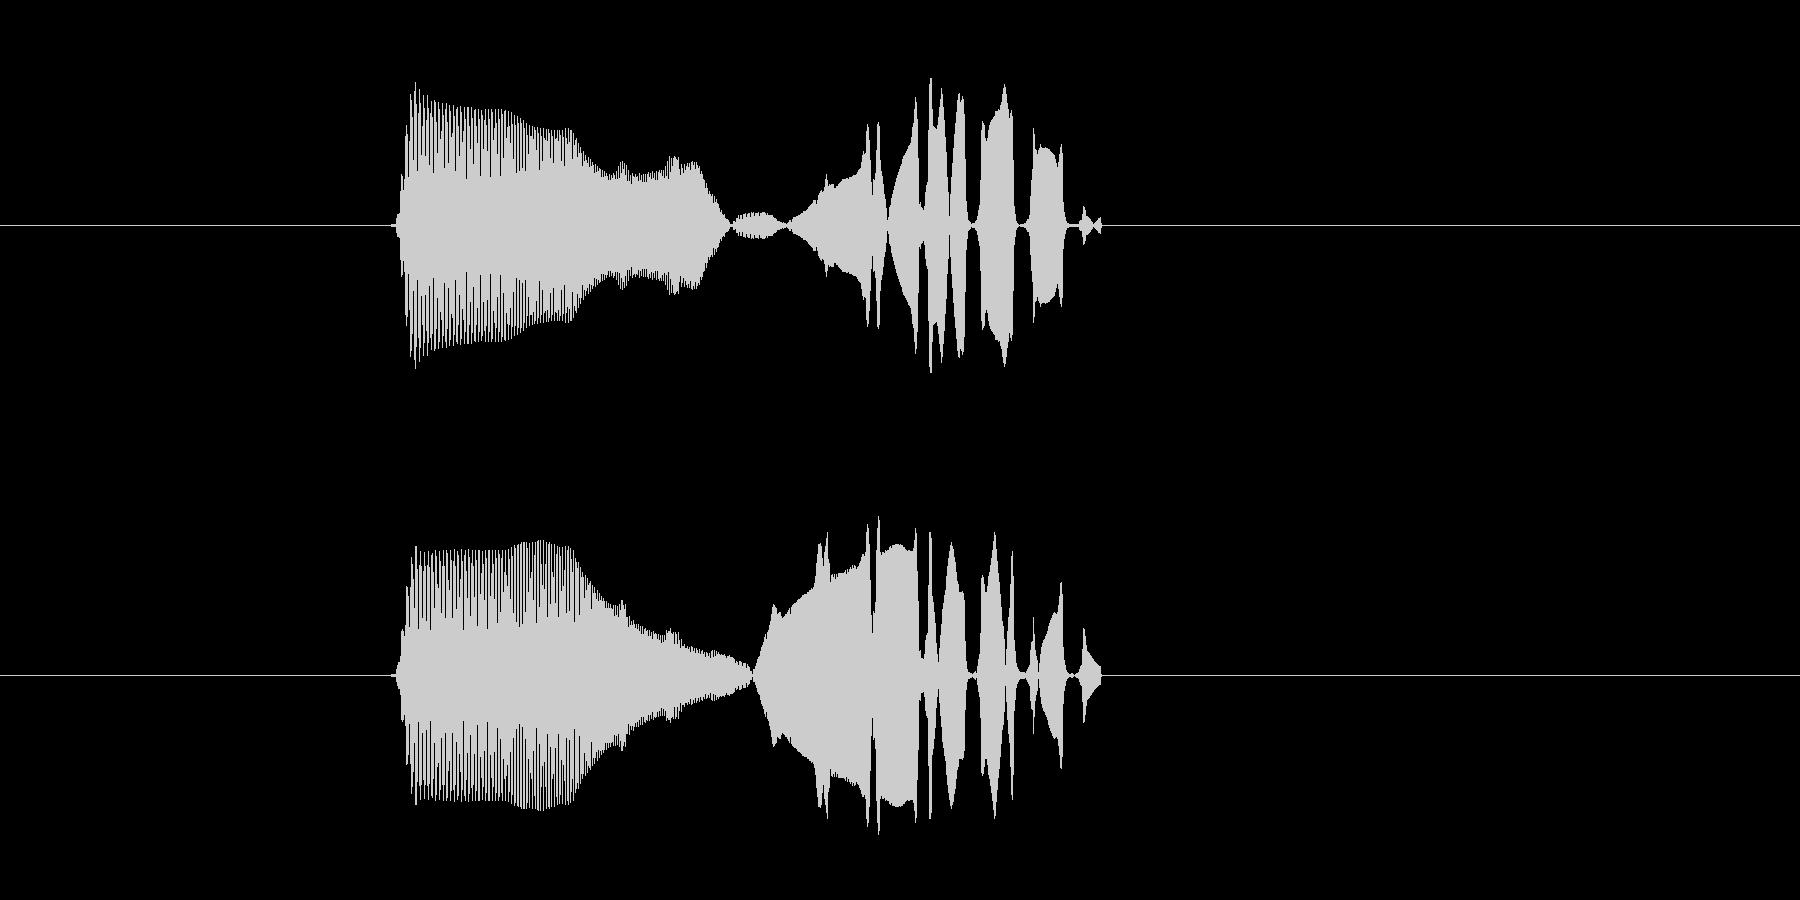 ミュルルルルル!電子音の未再生の波形